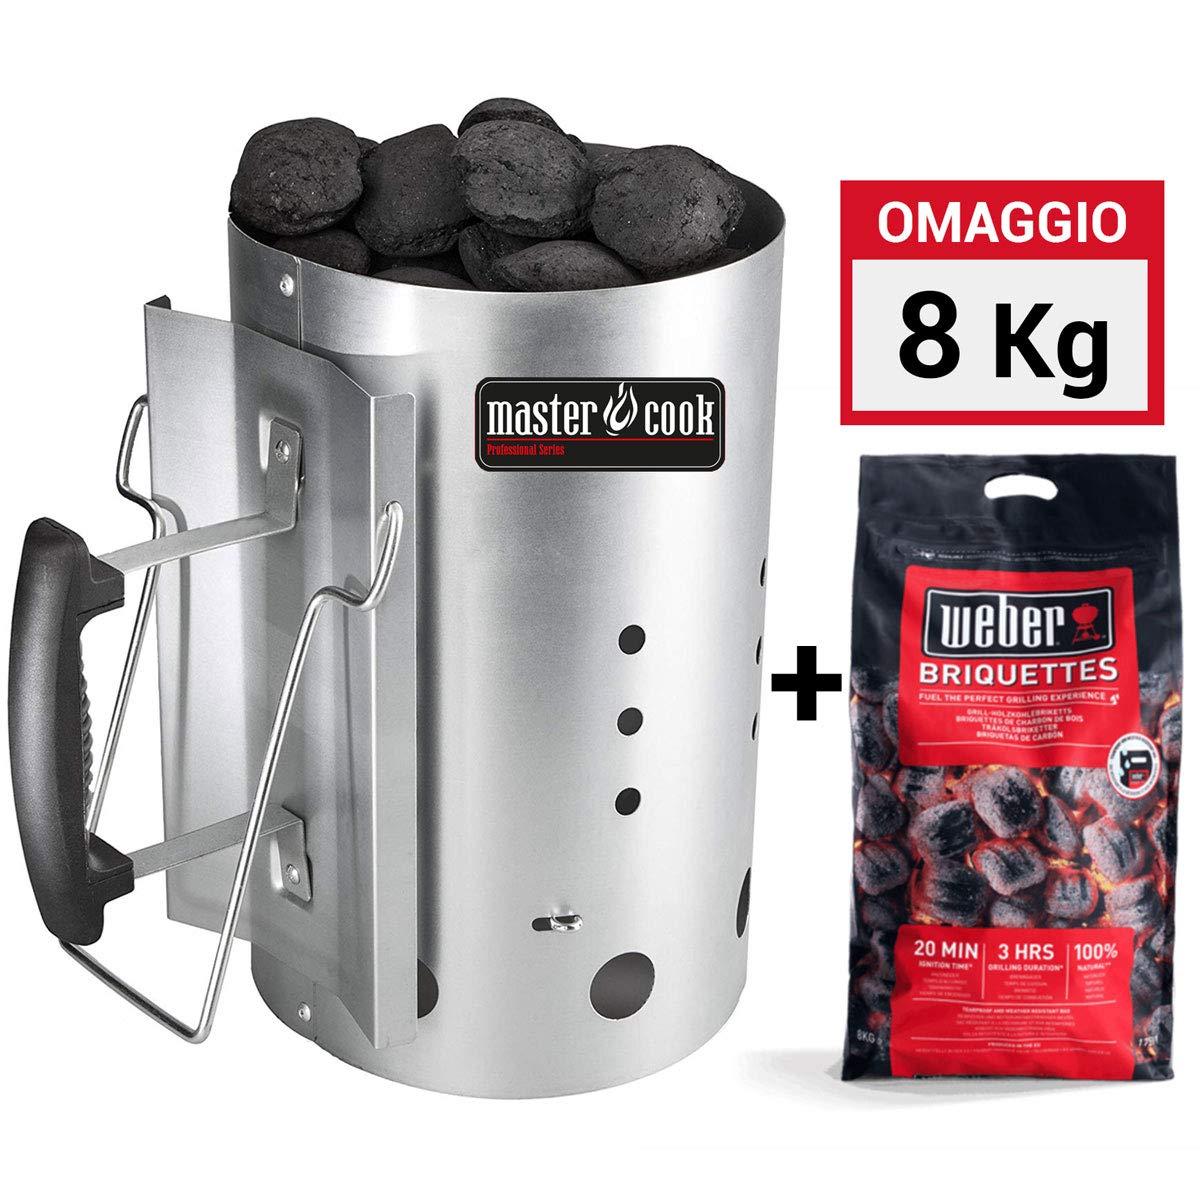 MasterCook - Kit Accenditore Barbecue + 8 kg Bricchetti Weber Omaggio - Impugnatura di Sicurezza in Alluminio - Kit ciminiera